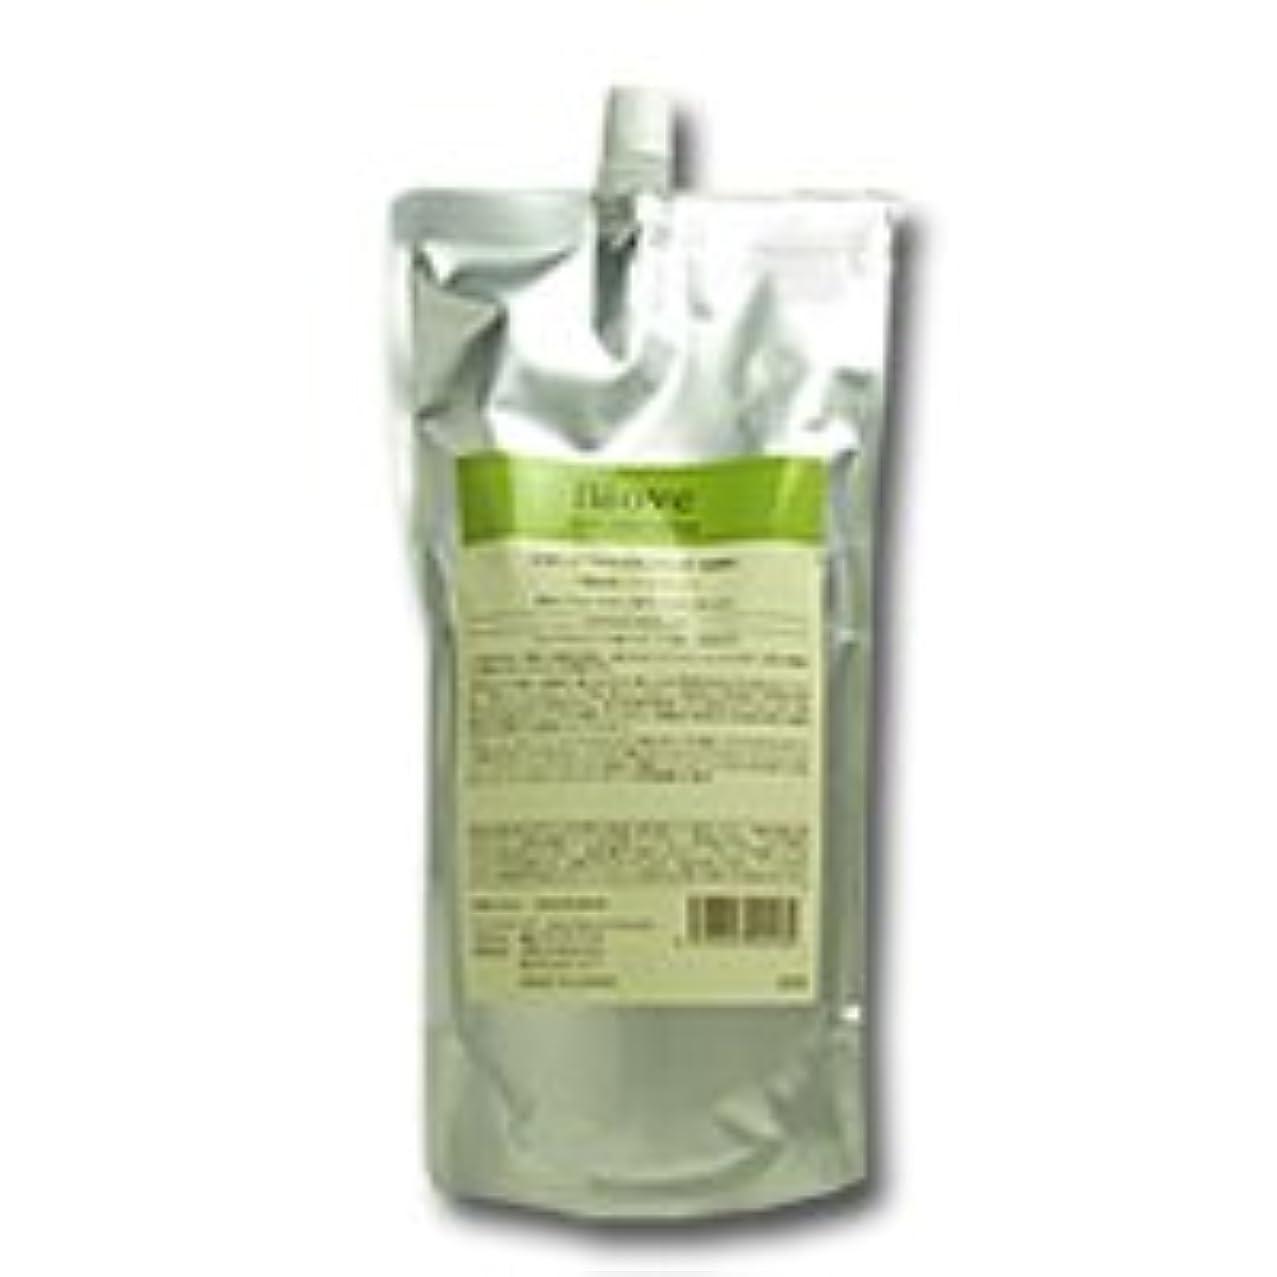 かまど信仰予防接種デミ ビオーブ スキャルプ リラックストリートメント 450ml(詰替) 医薬部外品